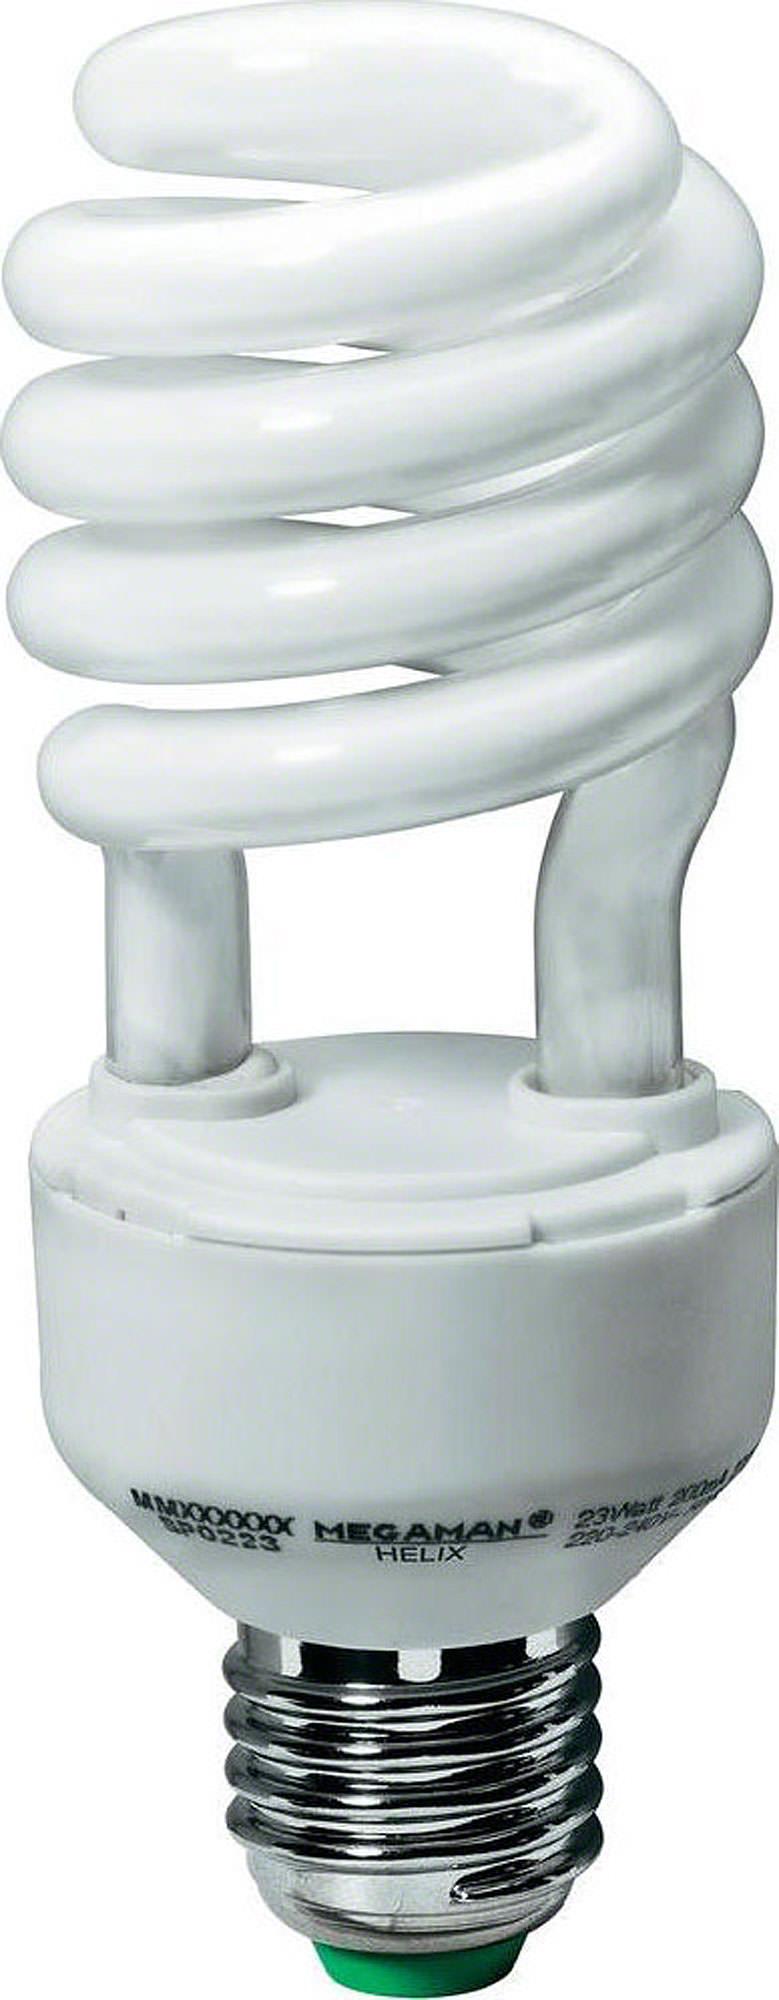 energiesparlampe e27 8 watt von herrnhuter sterne. Black Bedroom Furniture Sets. Home Design Ideas